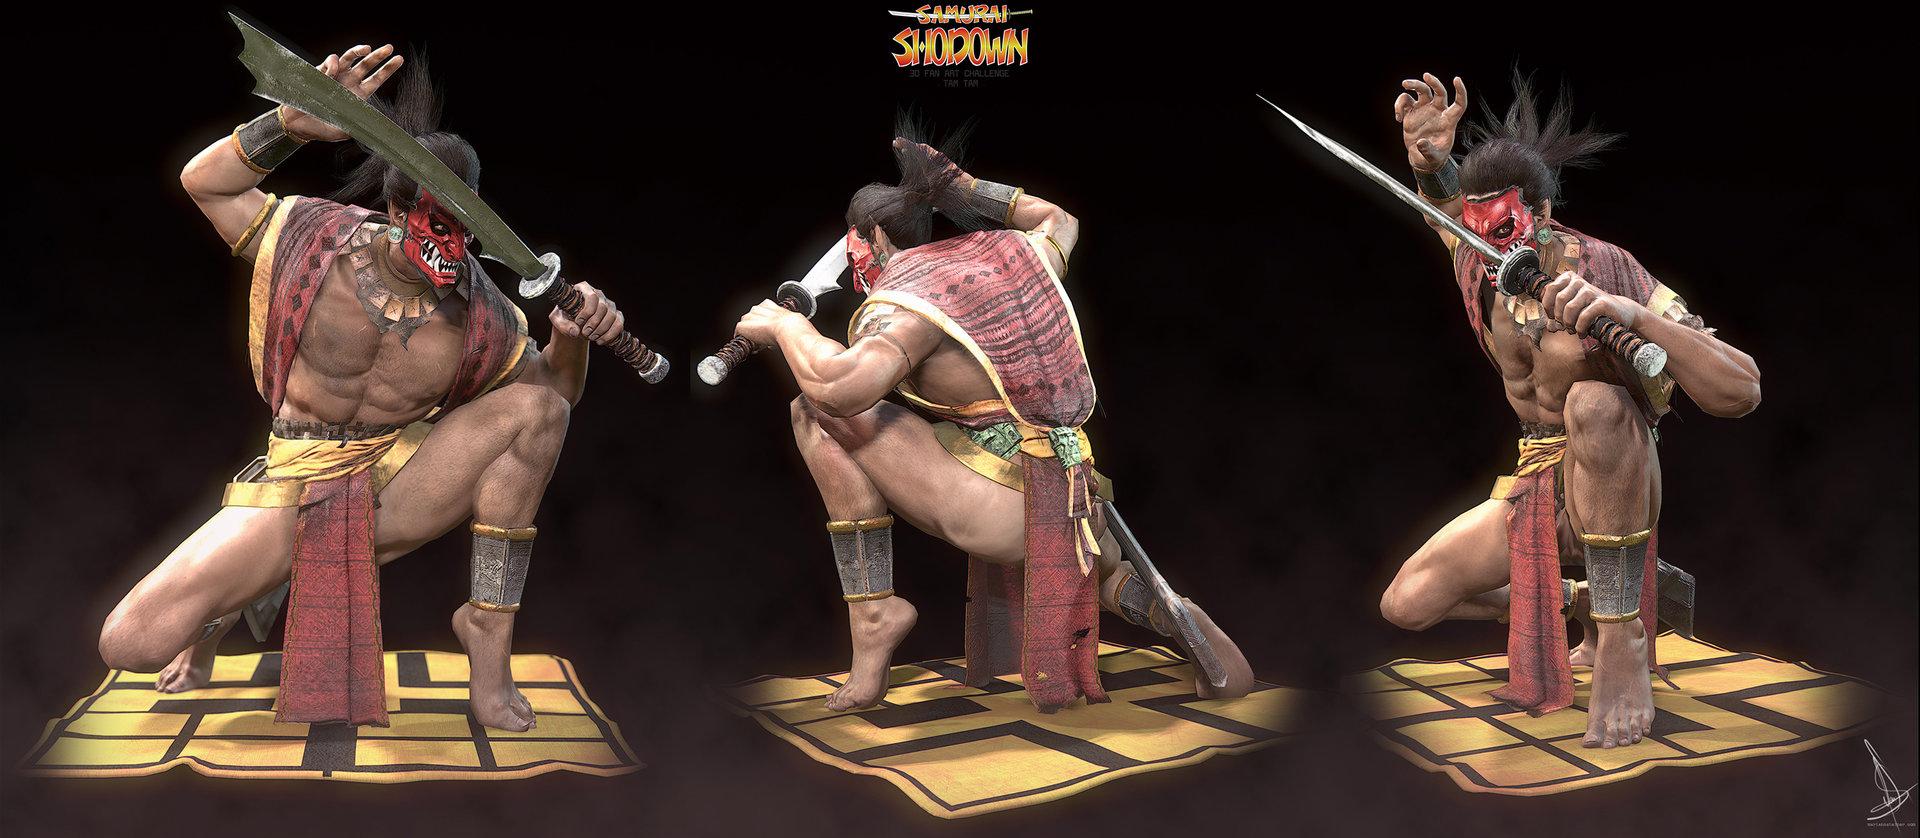 ® Mariano Steiner - TamTam - Samurai Shodown